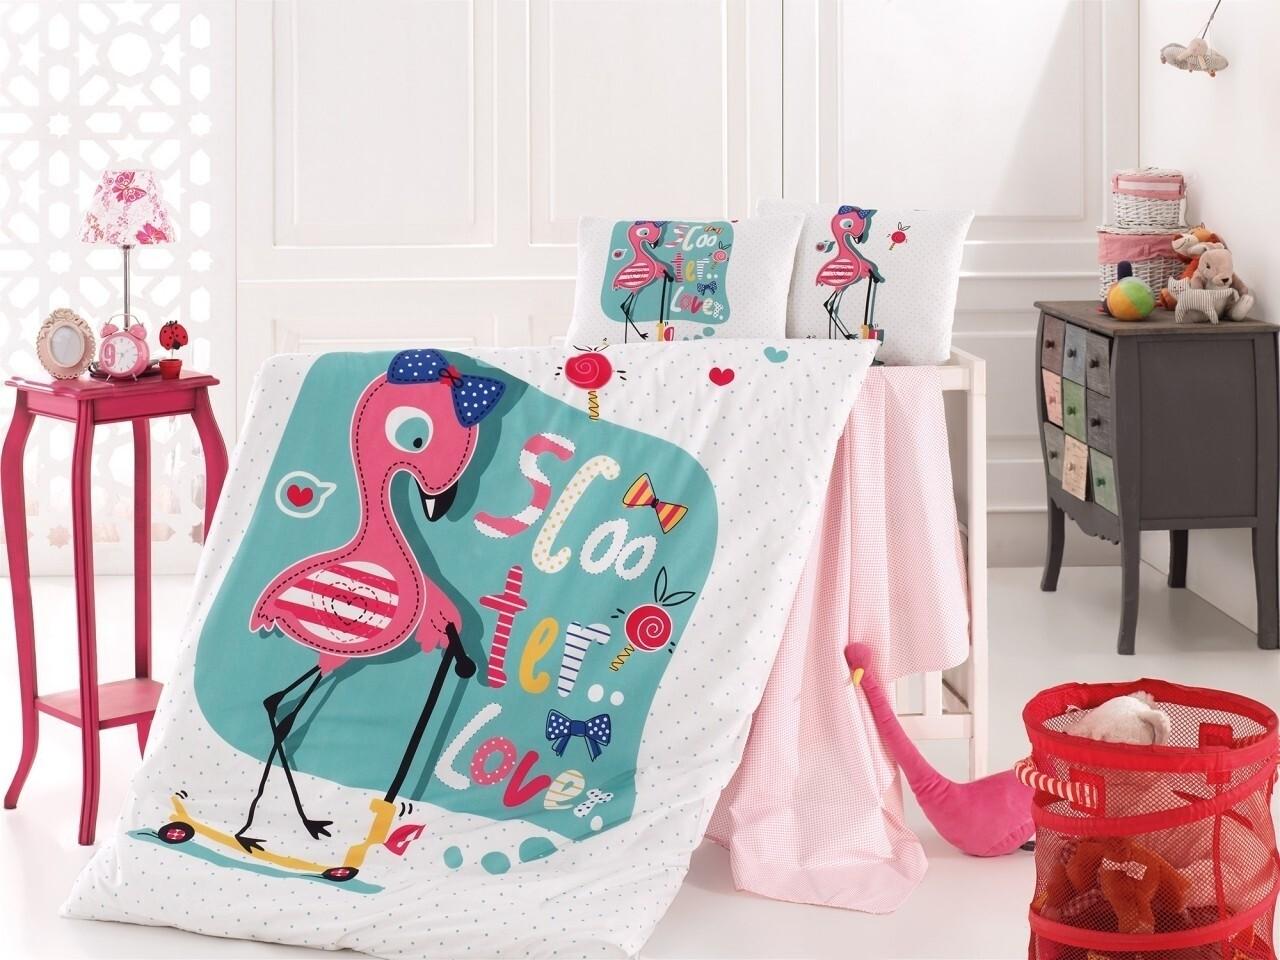 Lenjerie de pat pentru copii Flamingo, Nazenin Home, 4 piese, 100% bumbac ranforce, multicolora